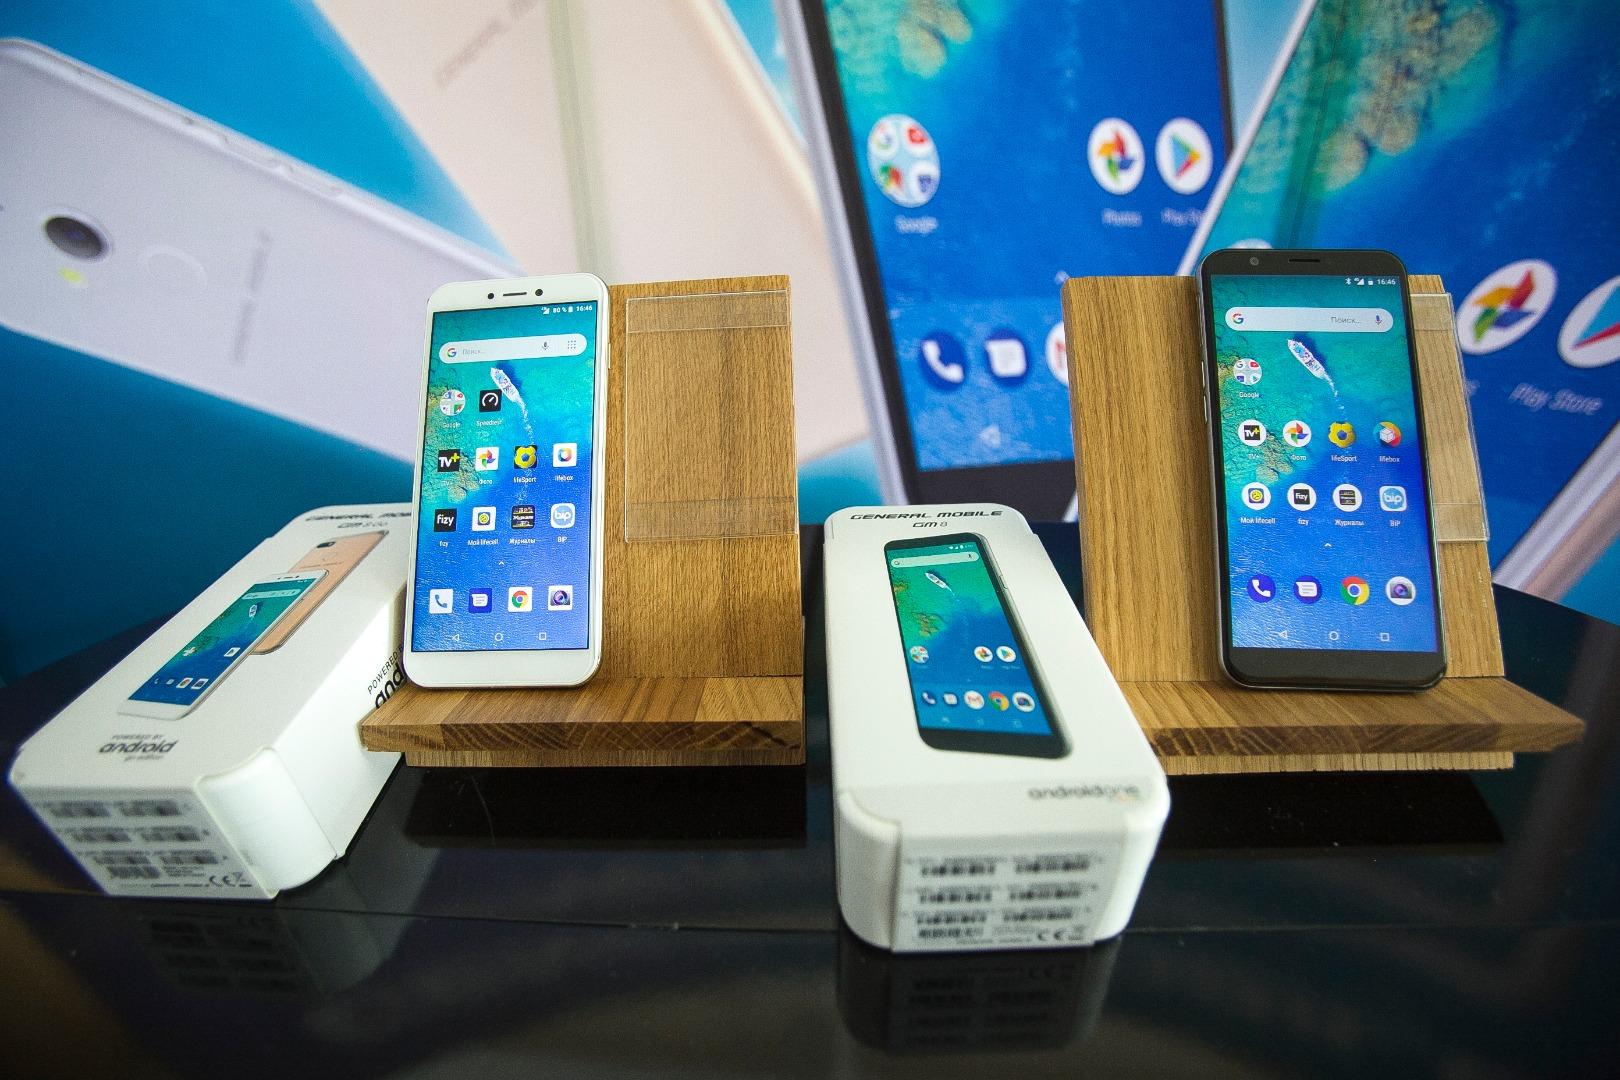 General Mobile 100 milyon TL'lik yatırım gerçekleştirdi